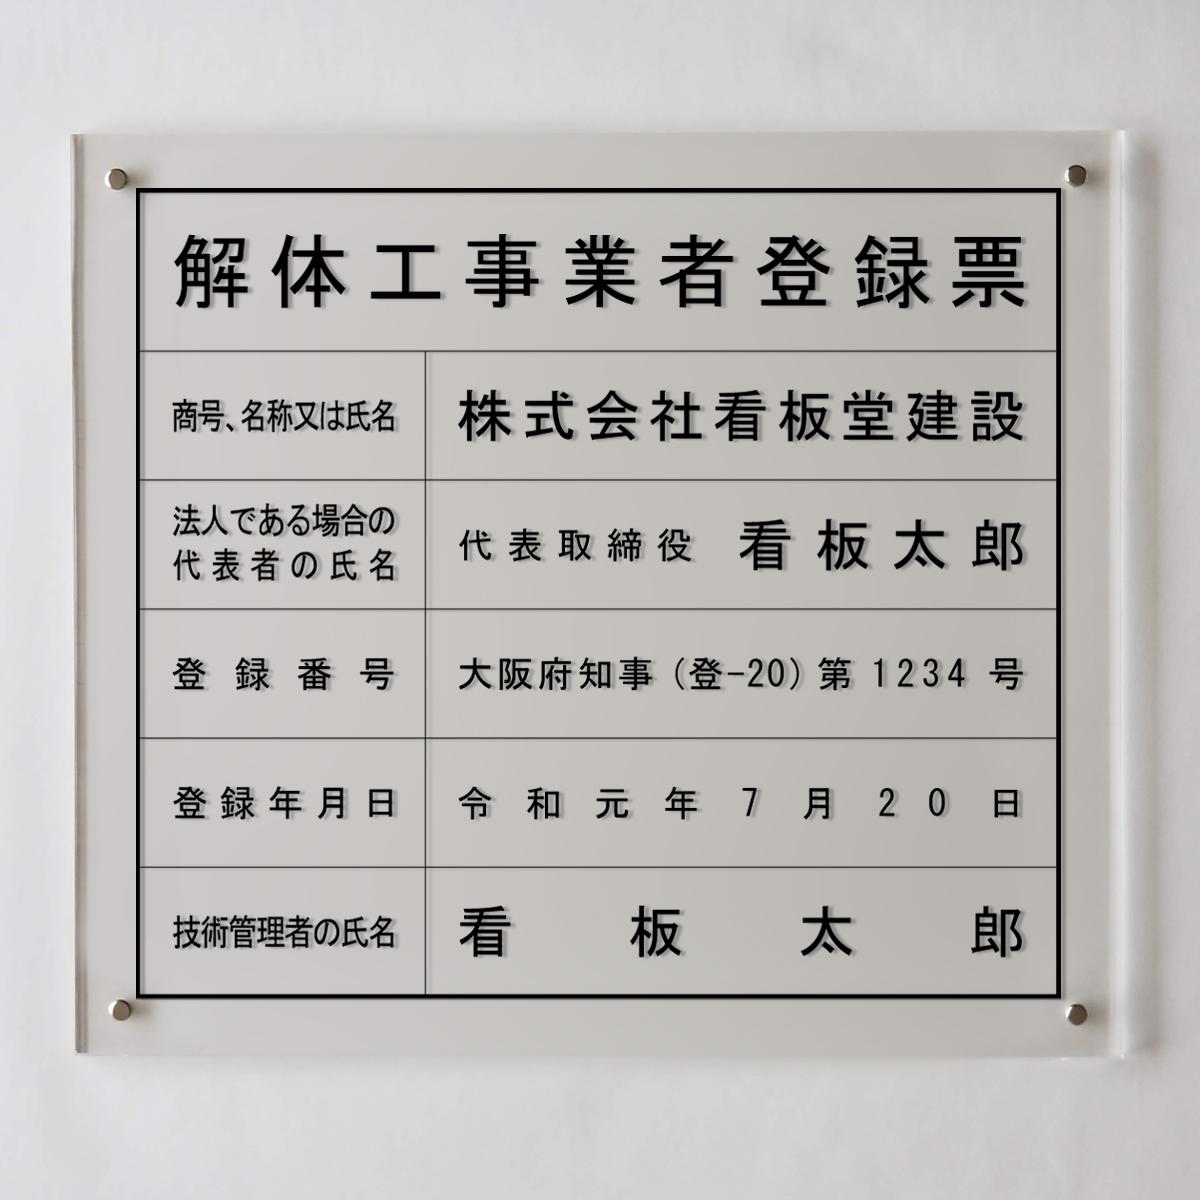 許可票 登録票 解体工事業者登録票 解体工事業者登録票アクリル置き型 自立式 店舗 おすすめ特集 事務所用看板 特注品 通信販売 別注品 法定看板 文字入れ 名入れ 建設業の許可票 看板